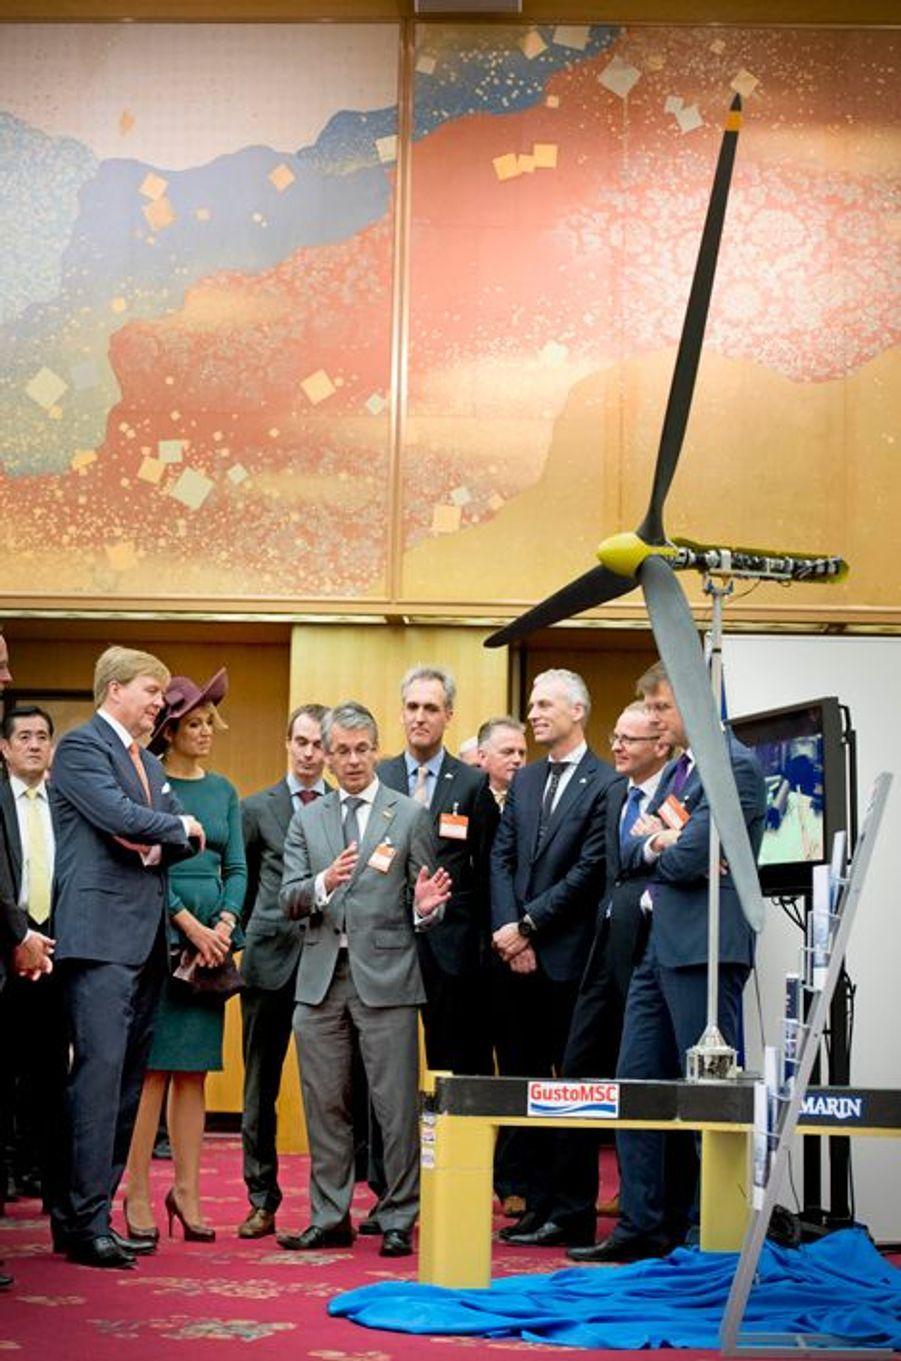 Le roi Willem-Alexander des Pays-Bas et la reine Maxima participent à une réunion sur l'énergie éolienne, le 30 octobre 2014